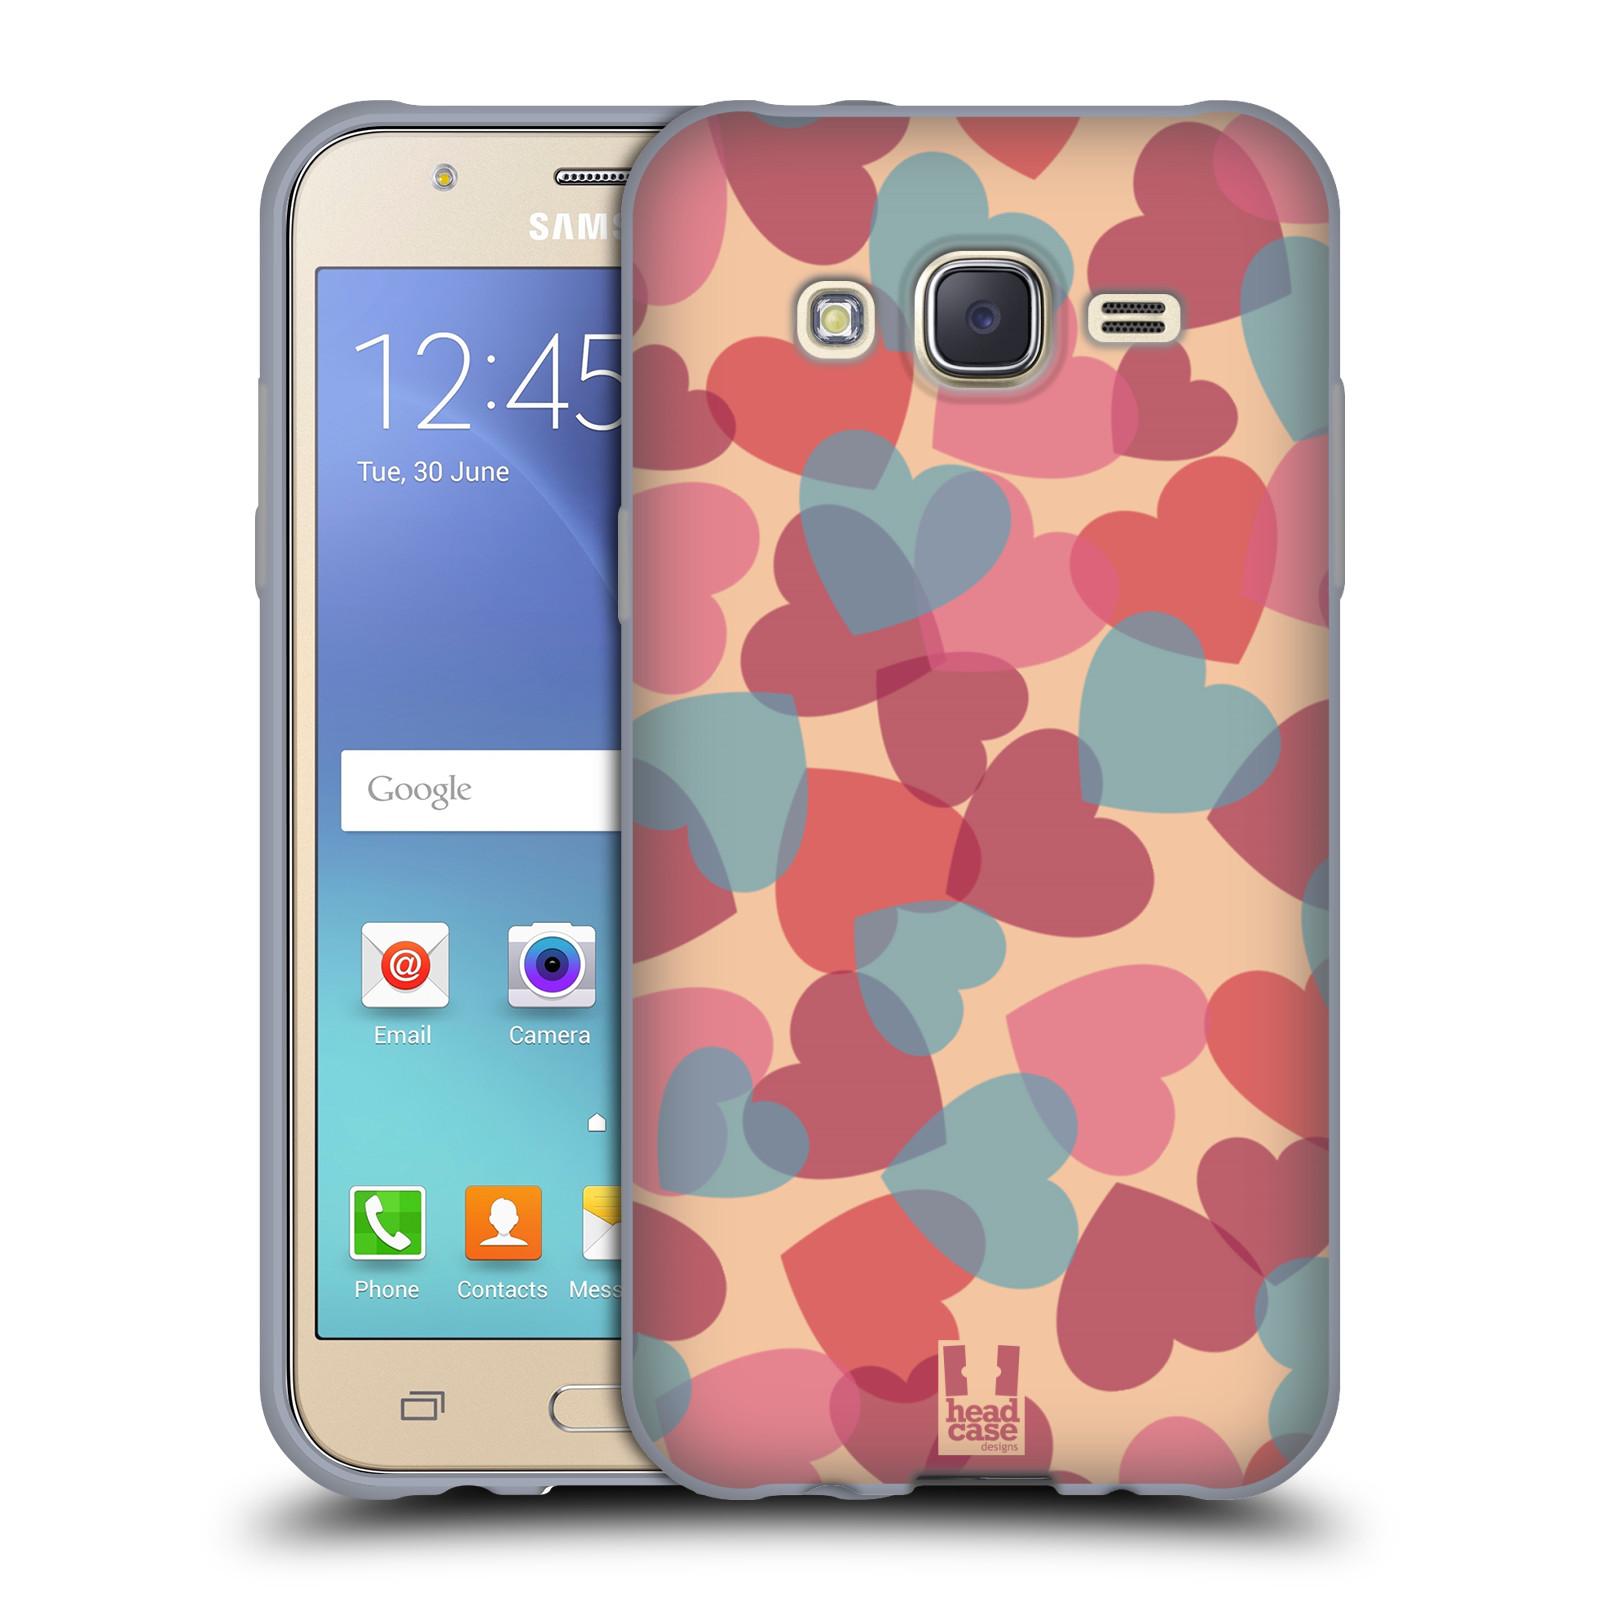 HEAD CASE silikonový obal na mobil Samsung Galaxy J5, J500, (J5 DUOS) vzor Vzorkovaná malba SRDÍČKA RŮŽOVÁ